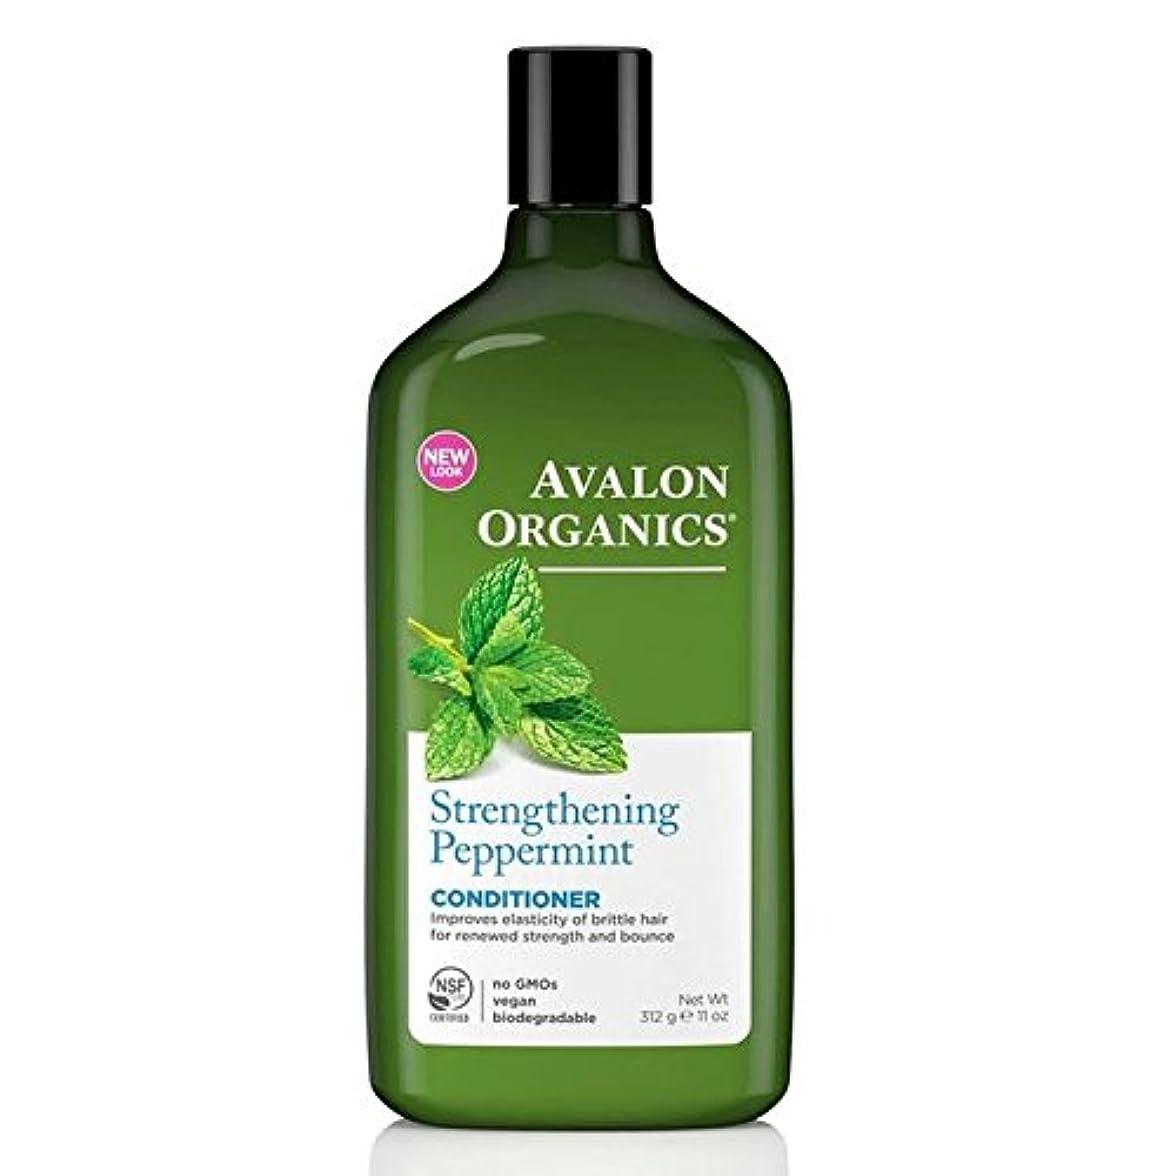 種なかなか贈り物Avalon Organics Peppermint Conditioner 325ml - (Avalon) ペパーミントコンディショナー325ミリリットル [並行輸入品]